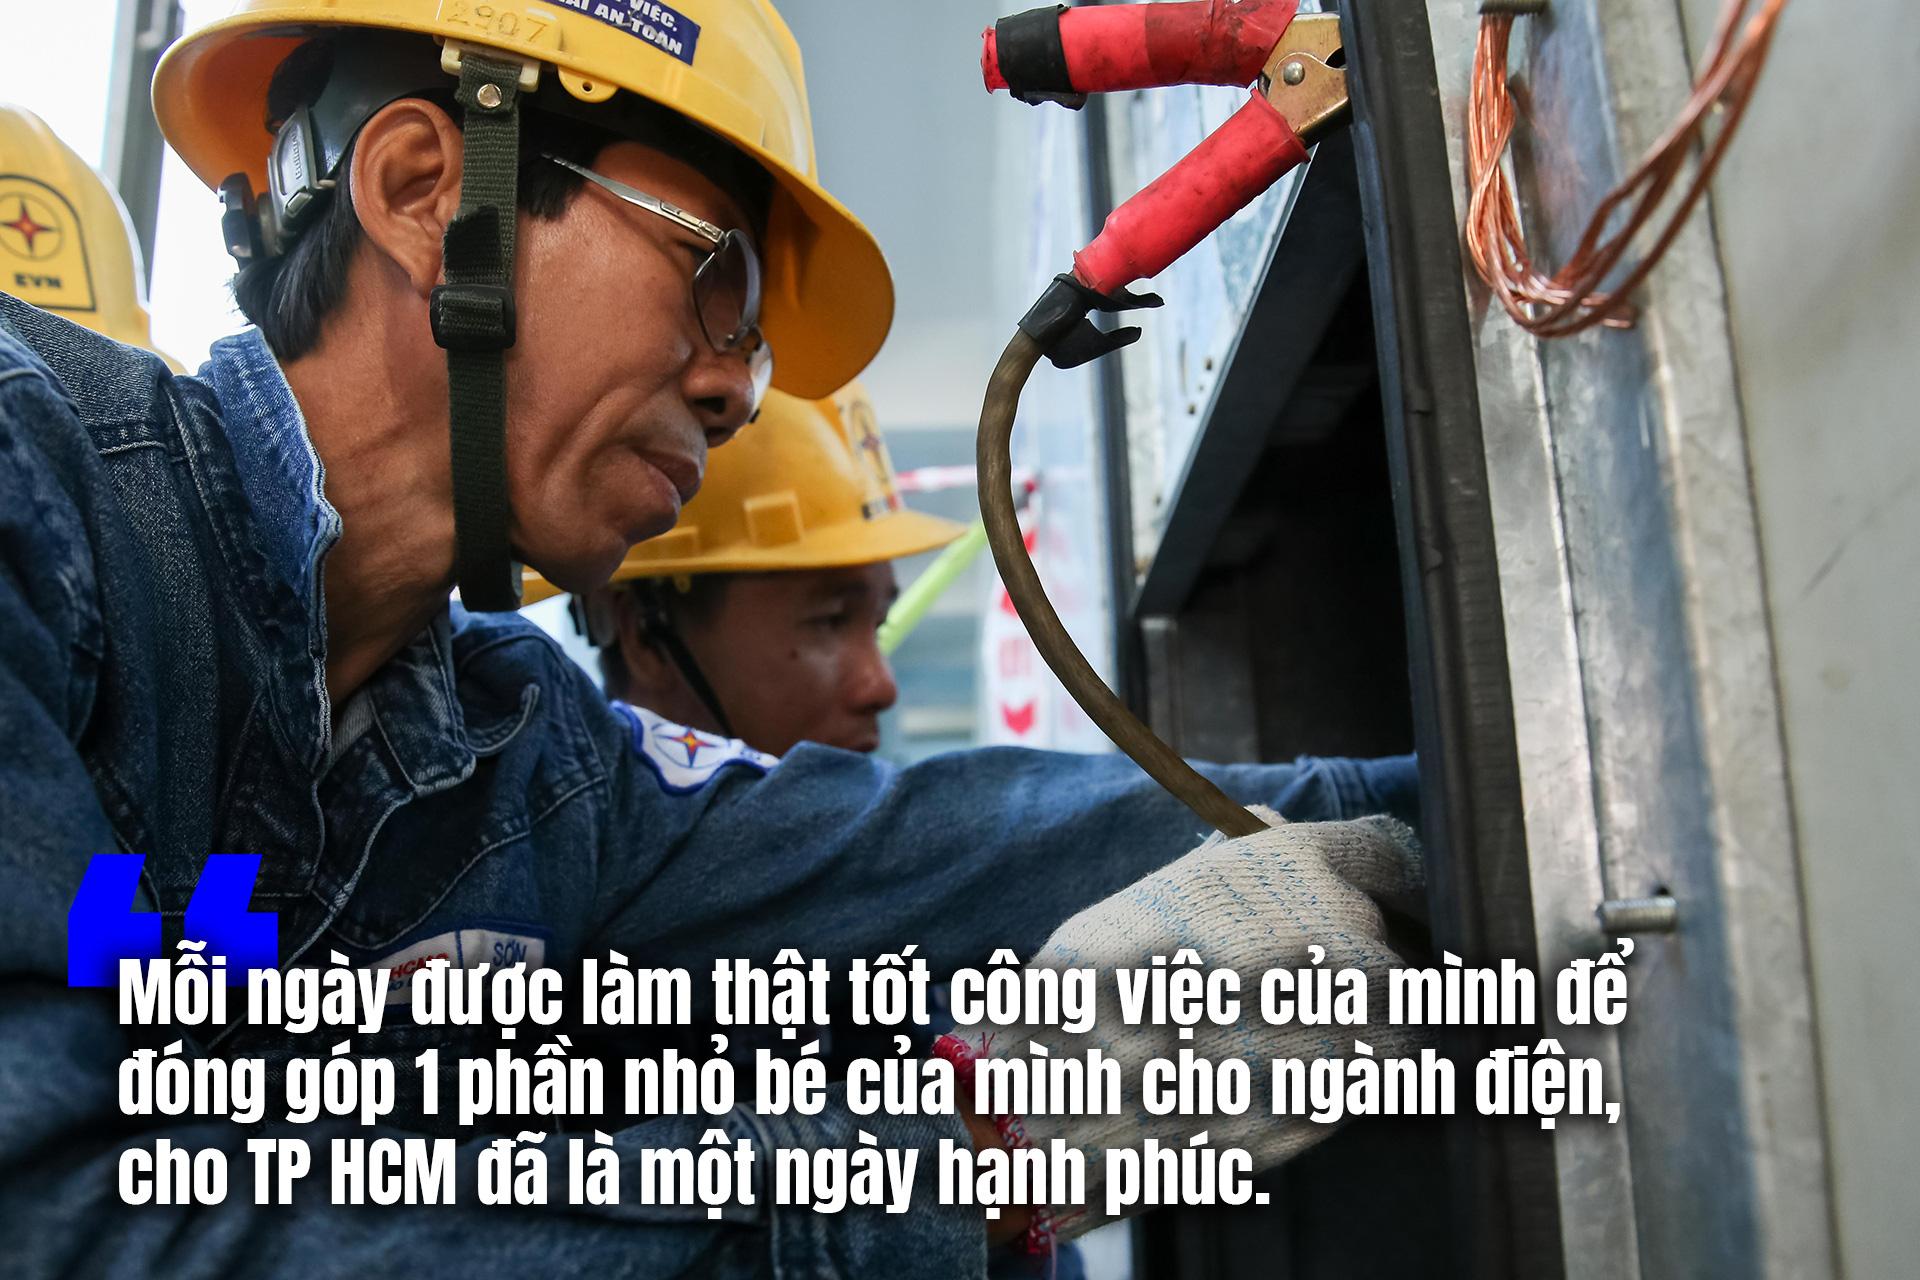 [eMagazine] Ngày thường của thợ điện Anh hùng lao động - Ảnh 3.